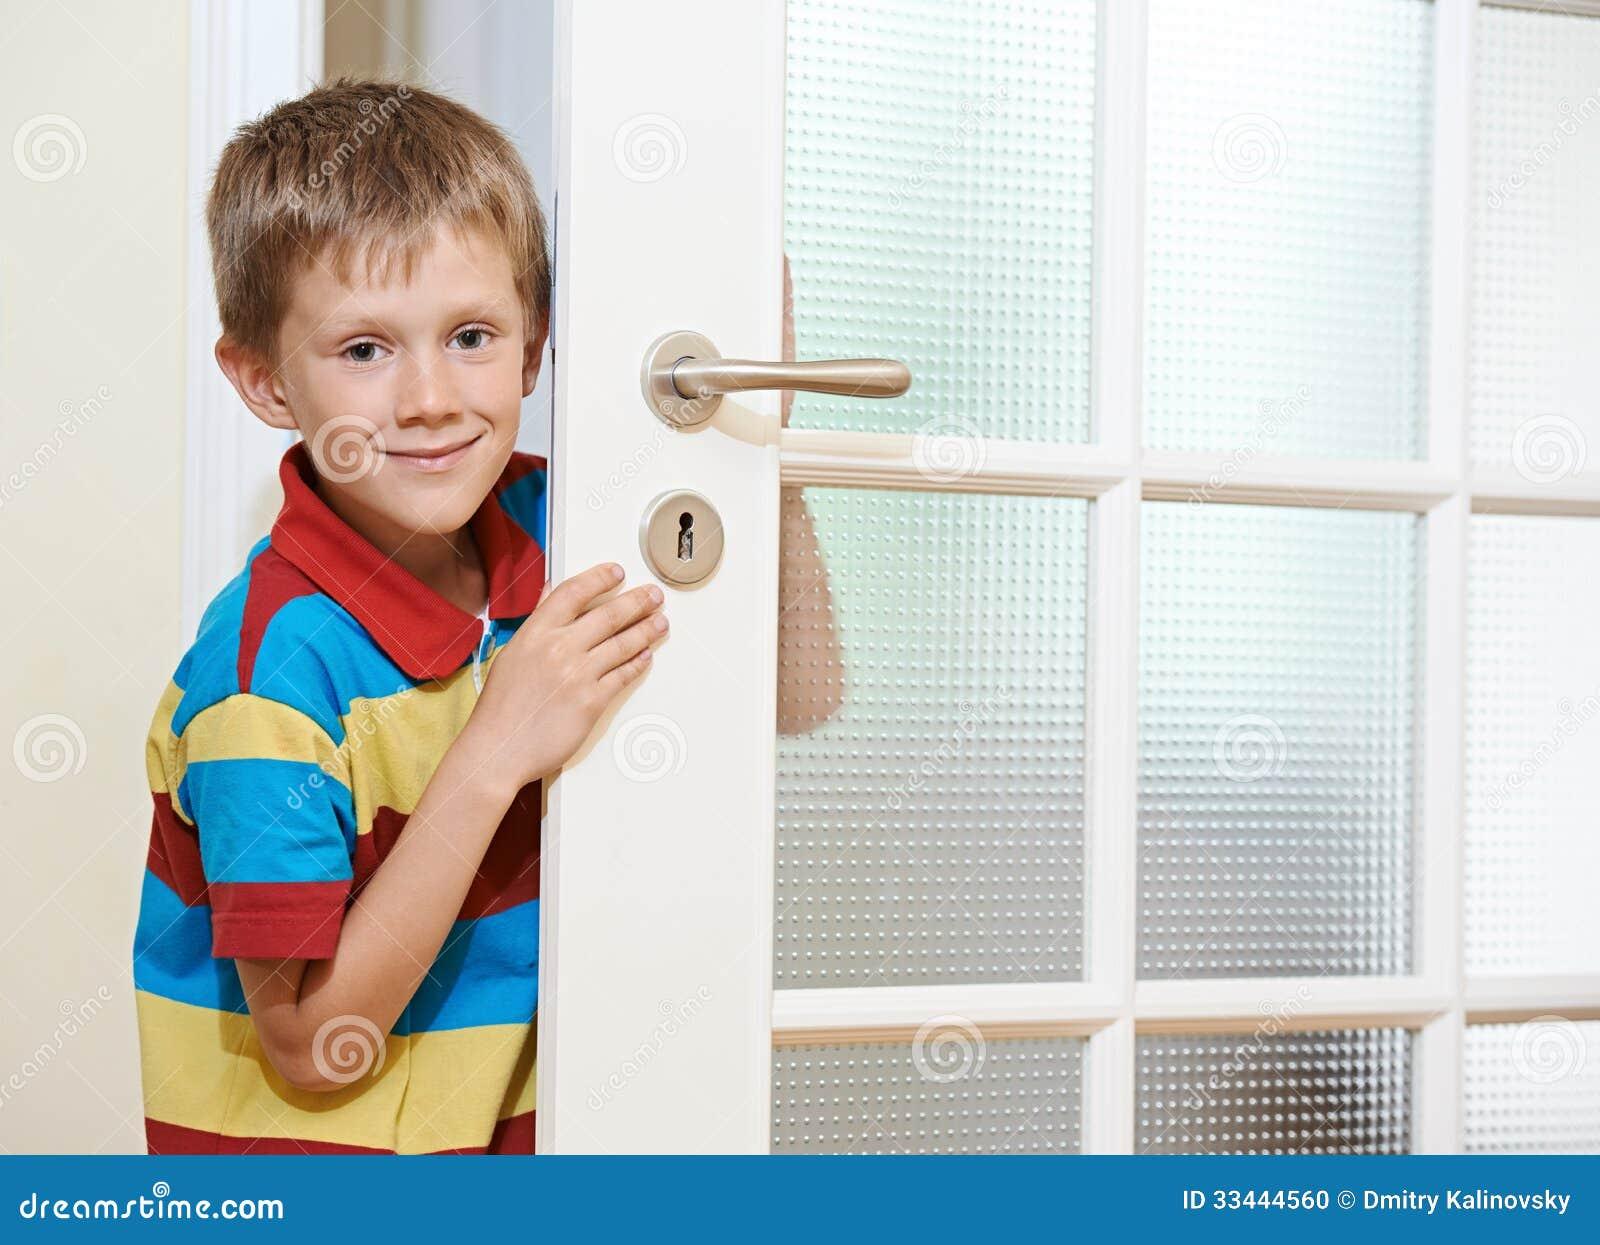 Boy Opening Door Stock Photo Image 33444560